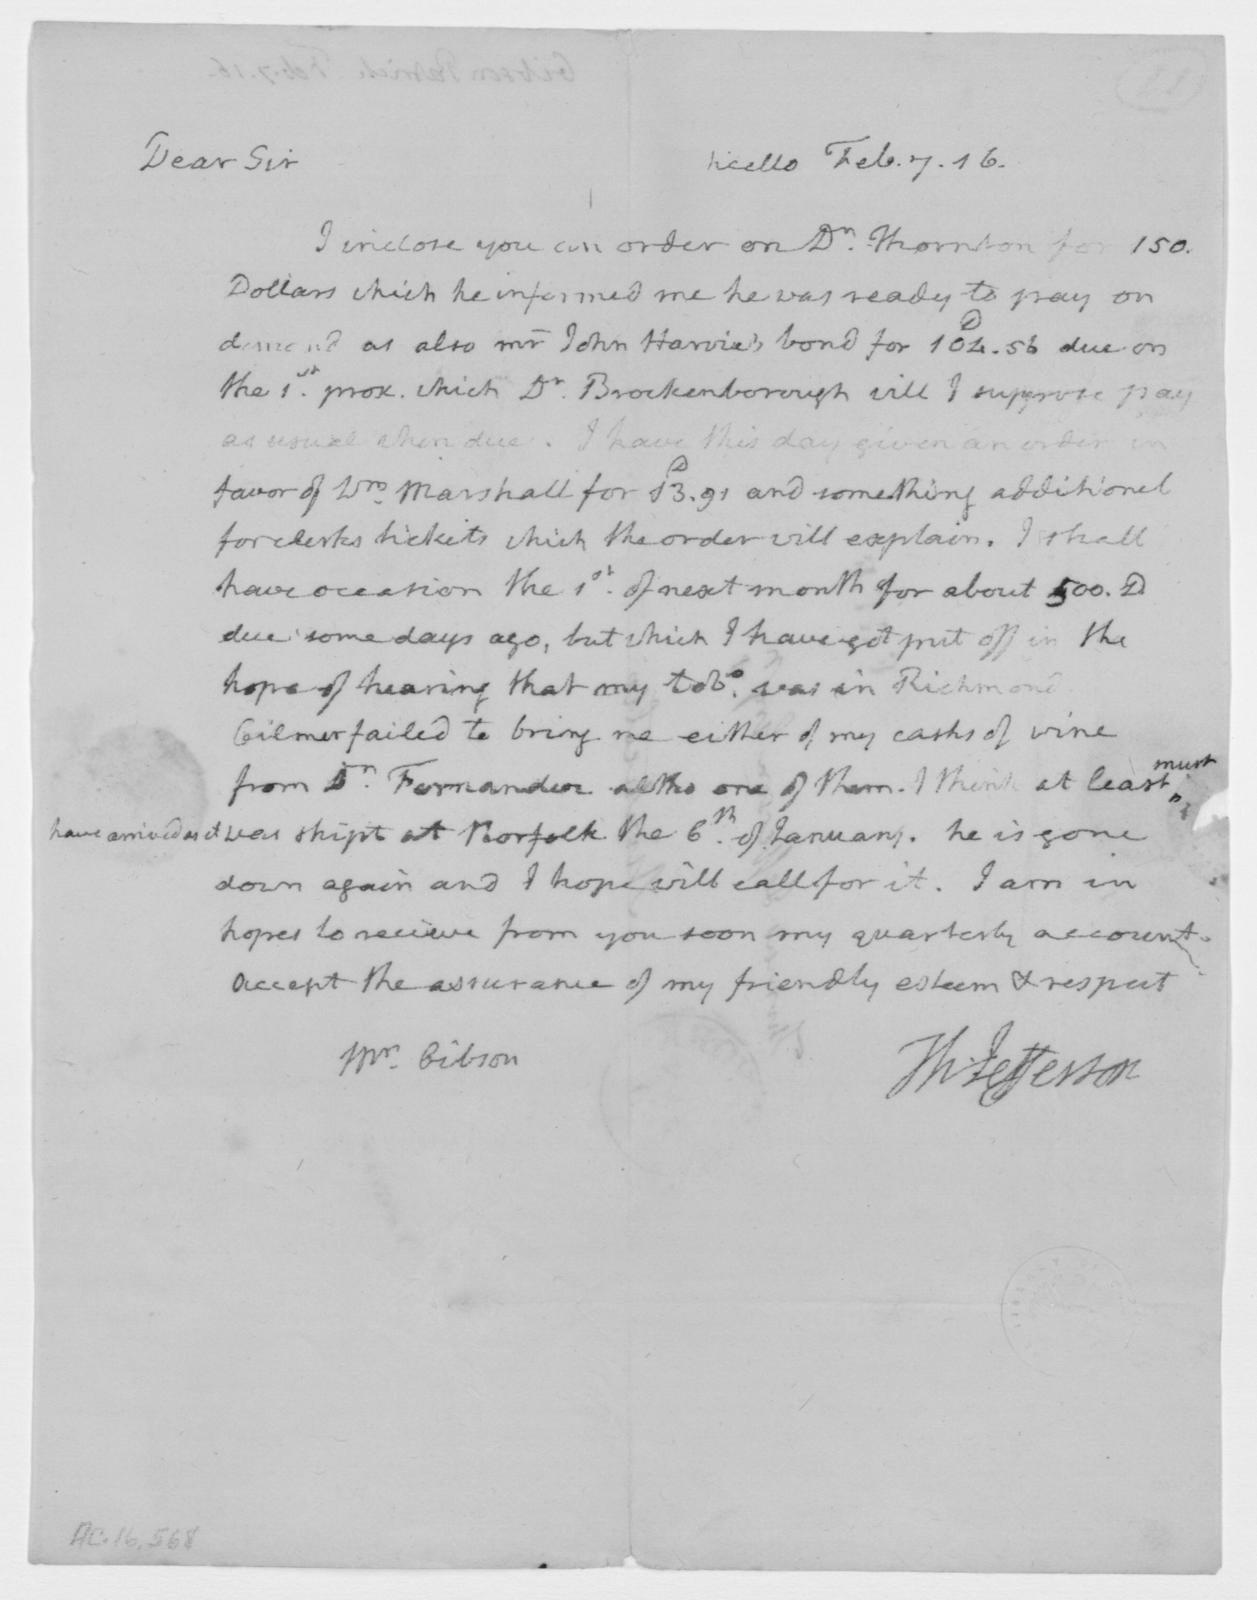 Thomas Jefferson to Patrick Gibson, February 7, 1816